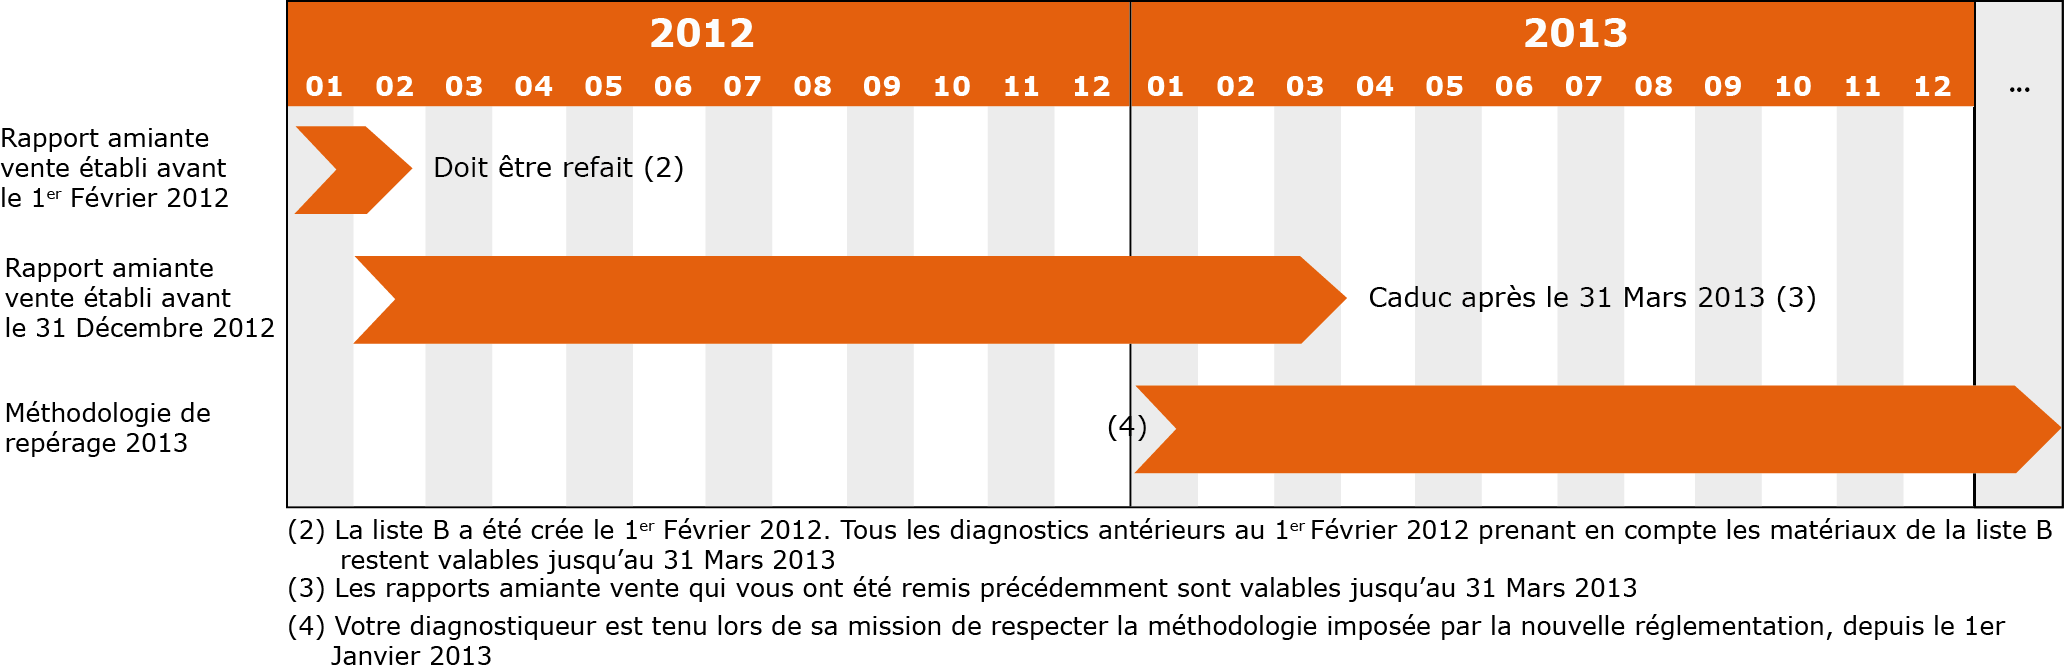 diagnostic amiante anterieur a 2013